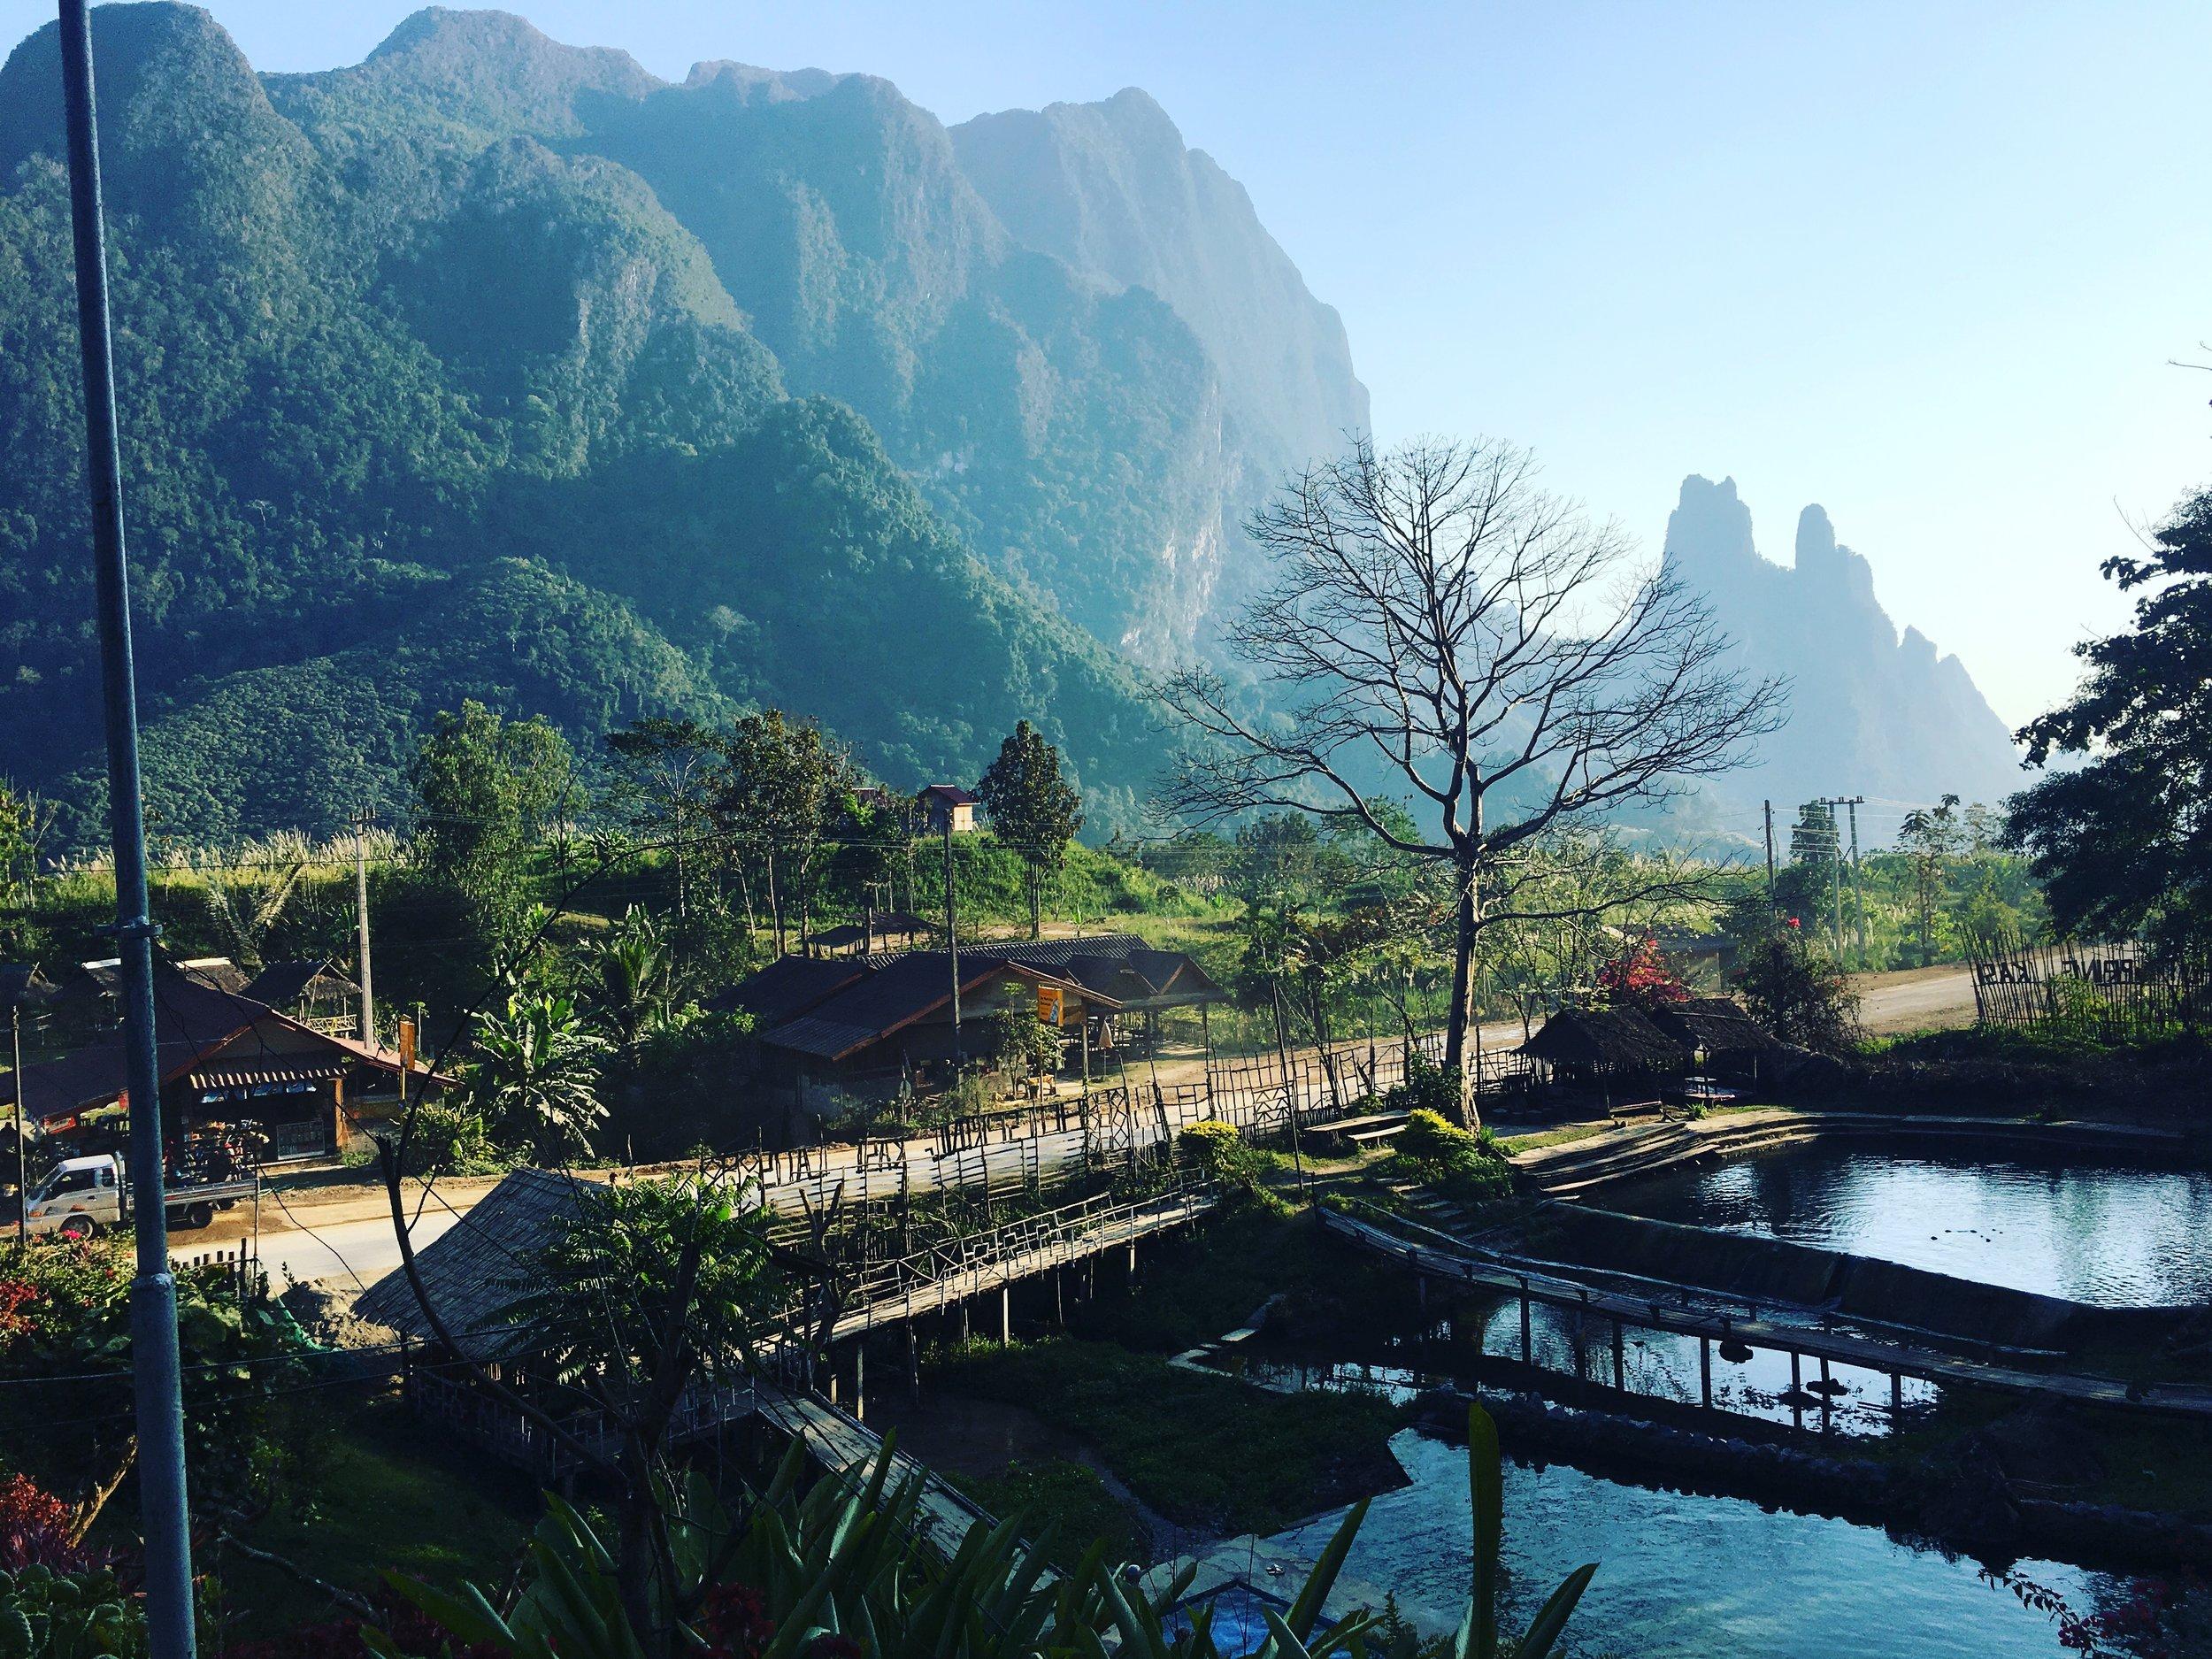 Kasi Hot Springs Resort